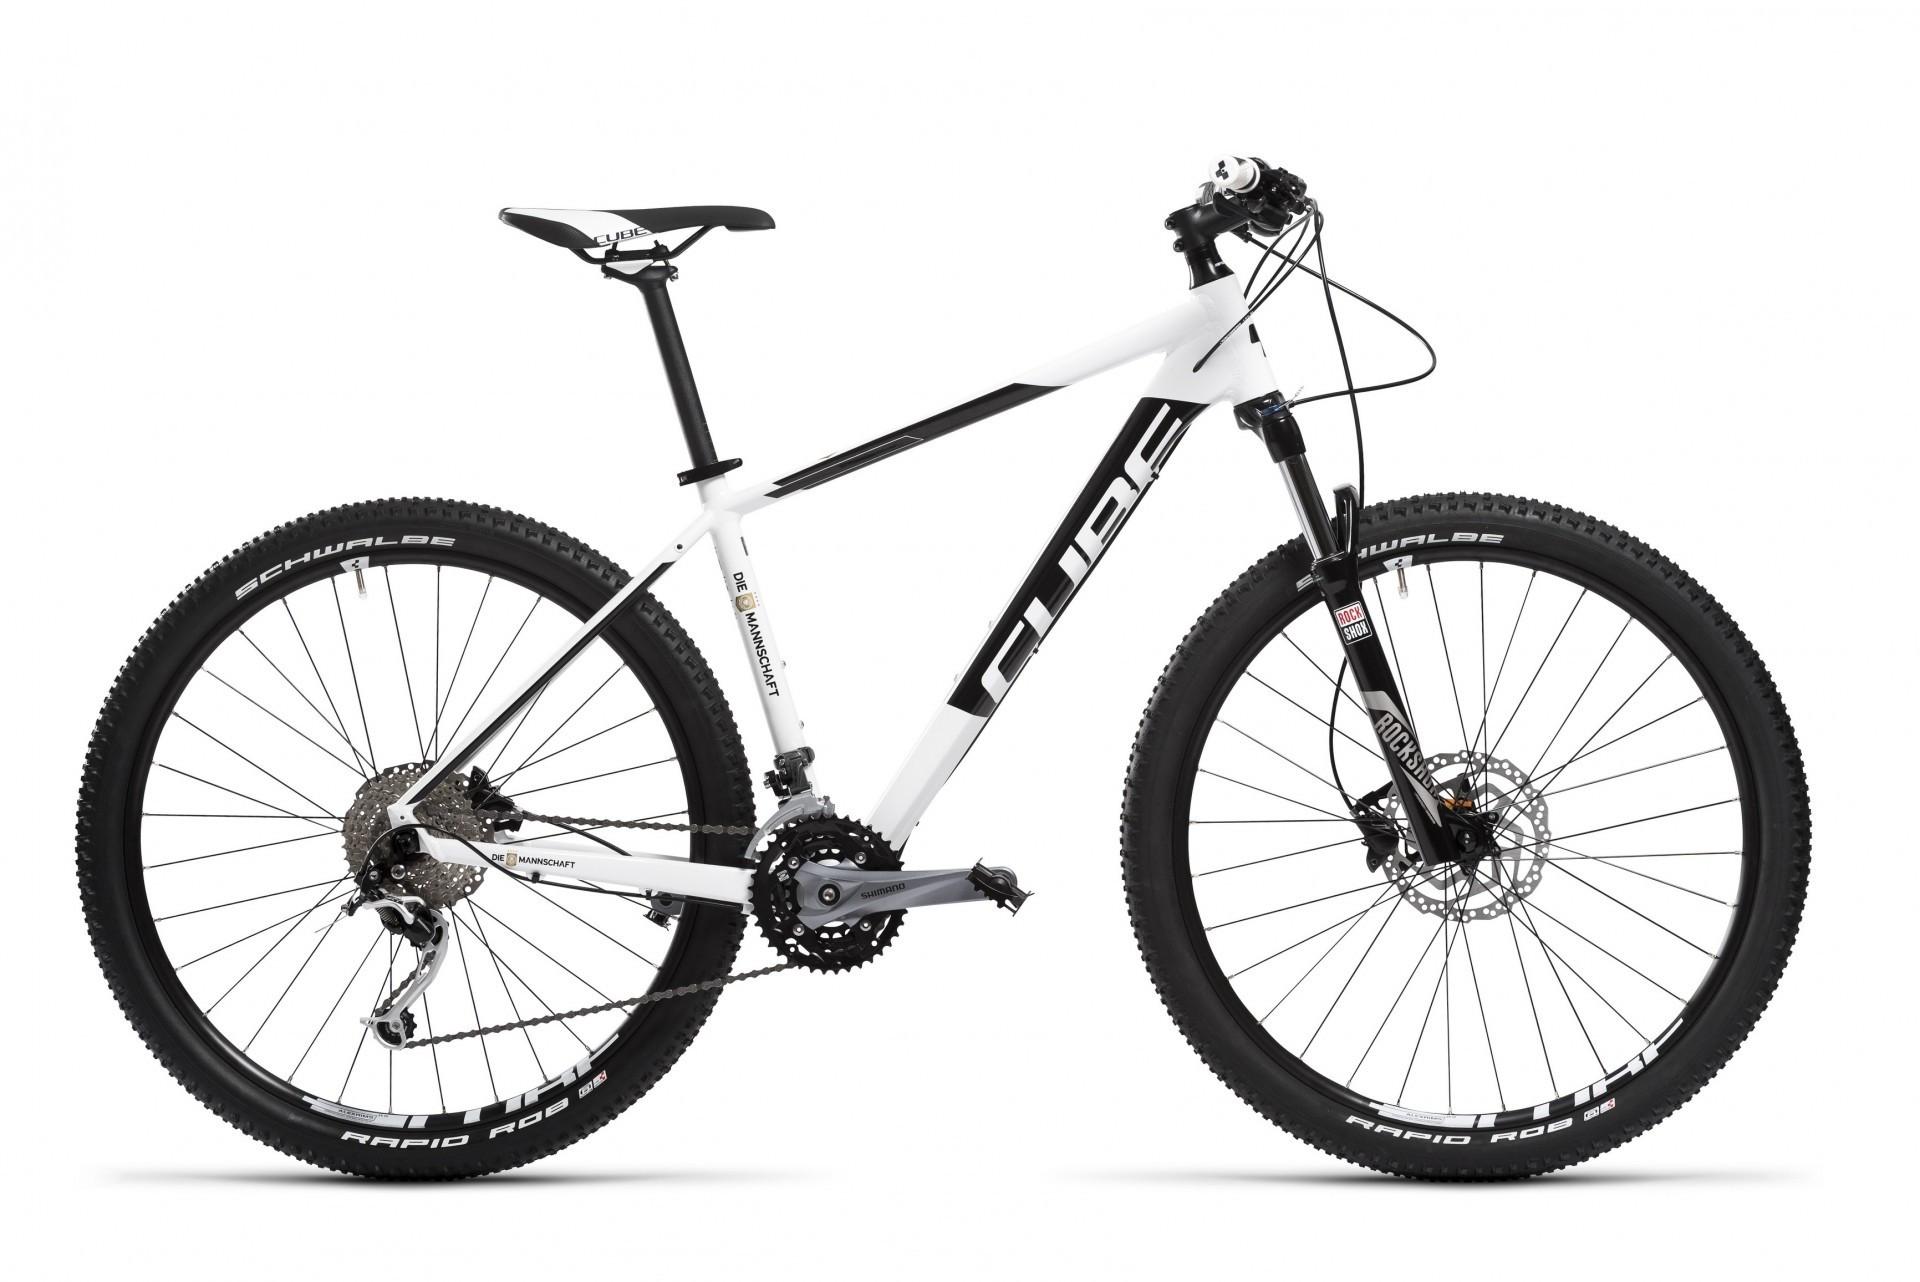 """Ein weißer Hintergrund. Im Vordergrund ist ein weiß-schwarzes Herrenrad mit dem Schriftzug """"CUBE"""". Die Reifen des Fahrrads sind dicker und breiter als normale Fahrradreifen."""